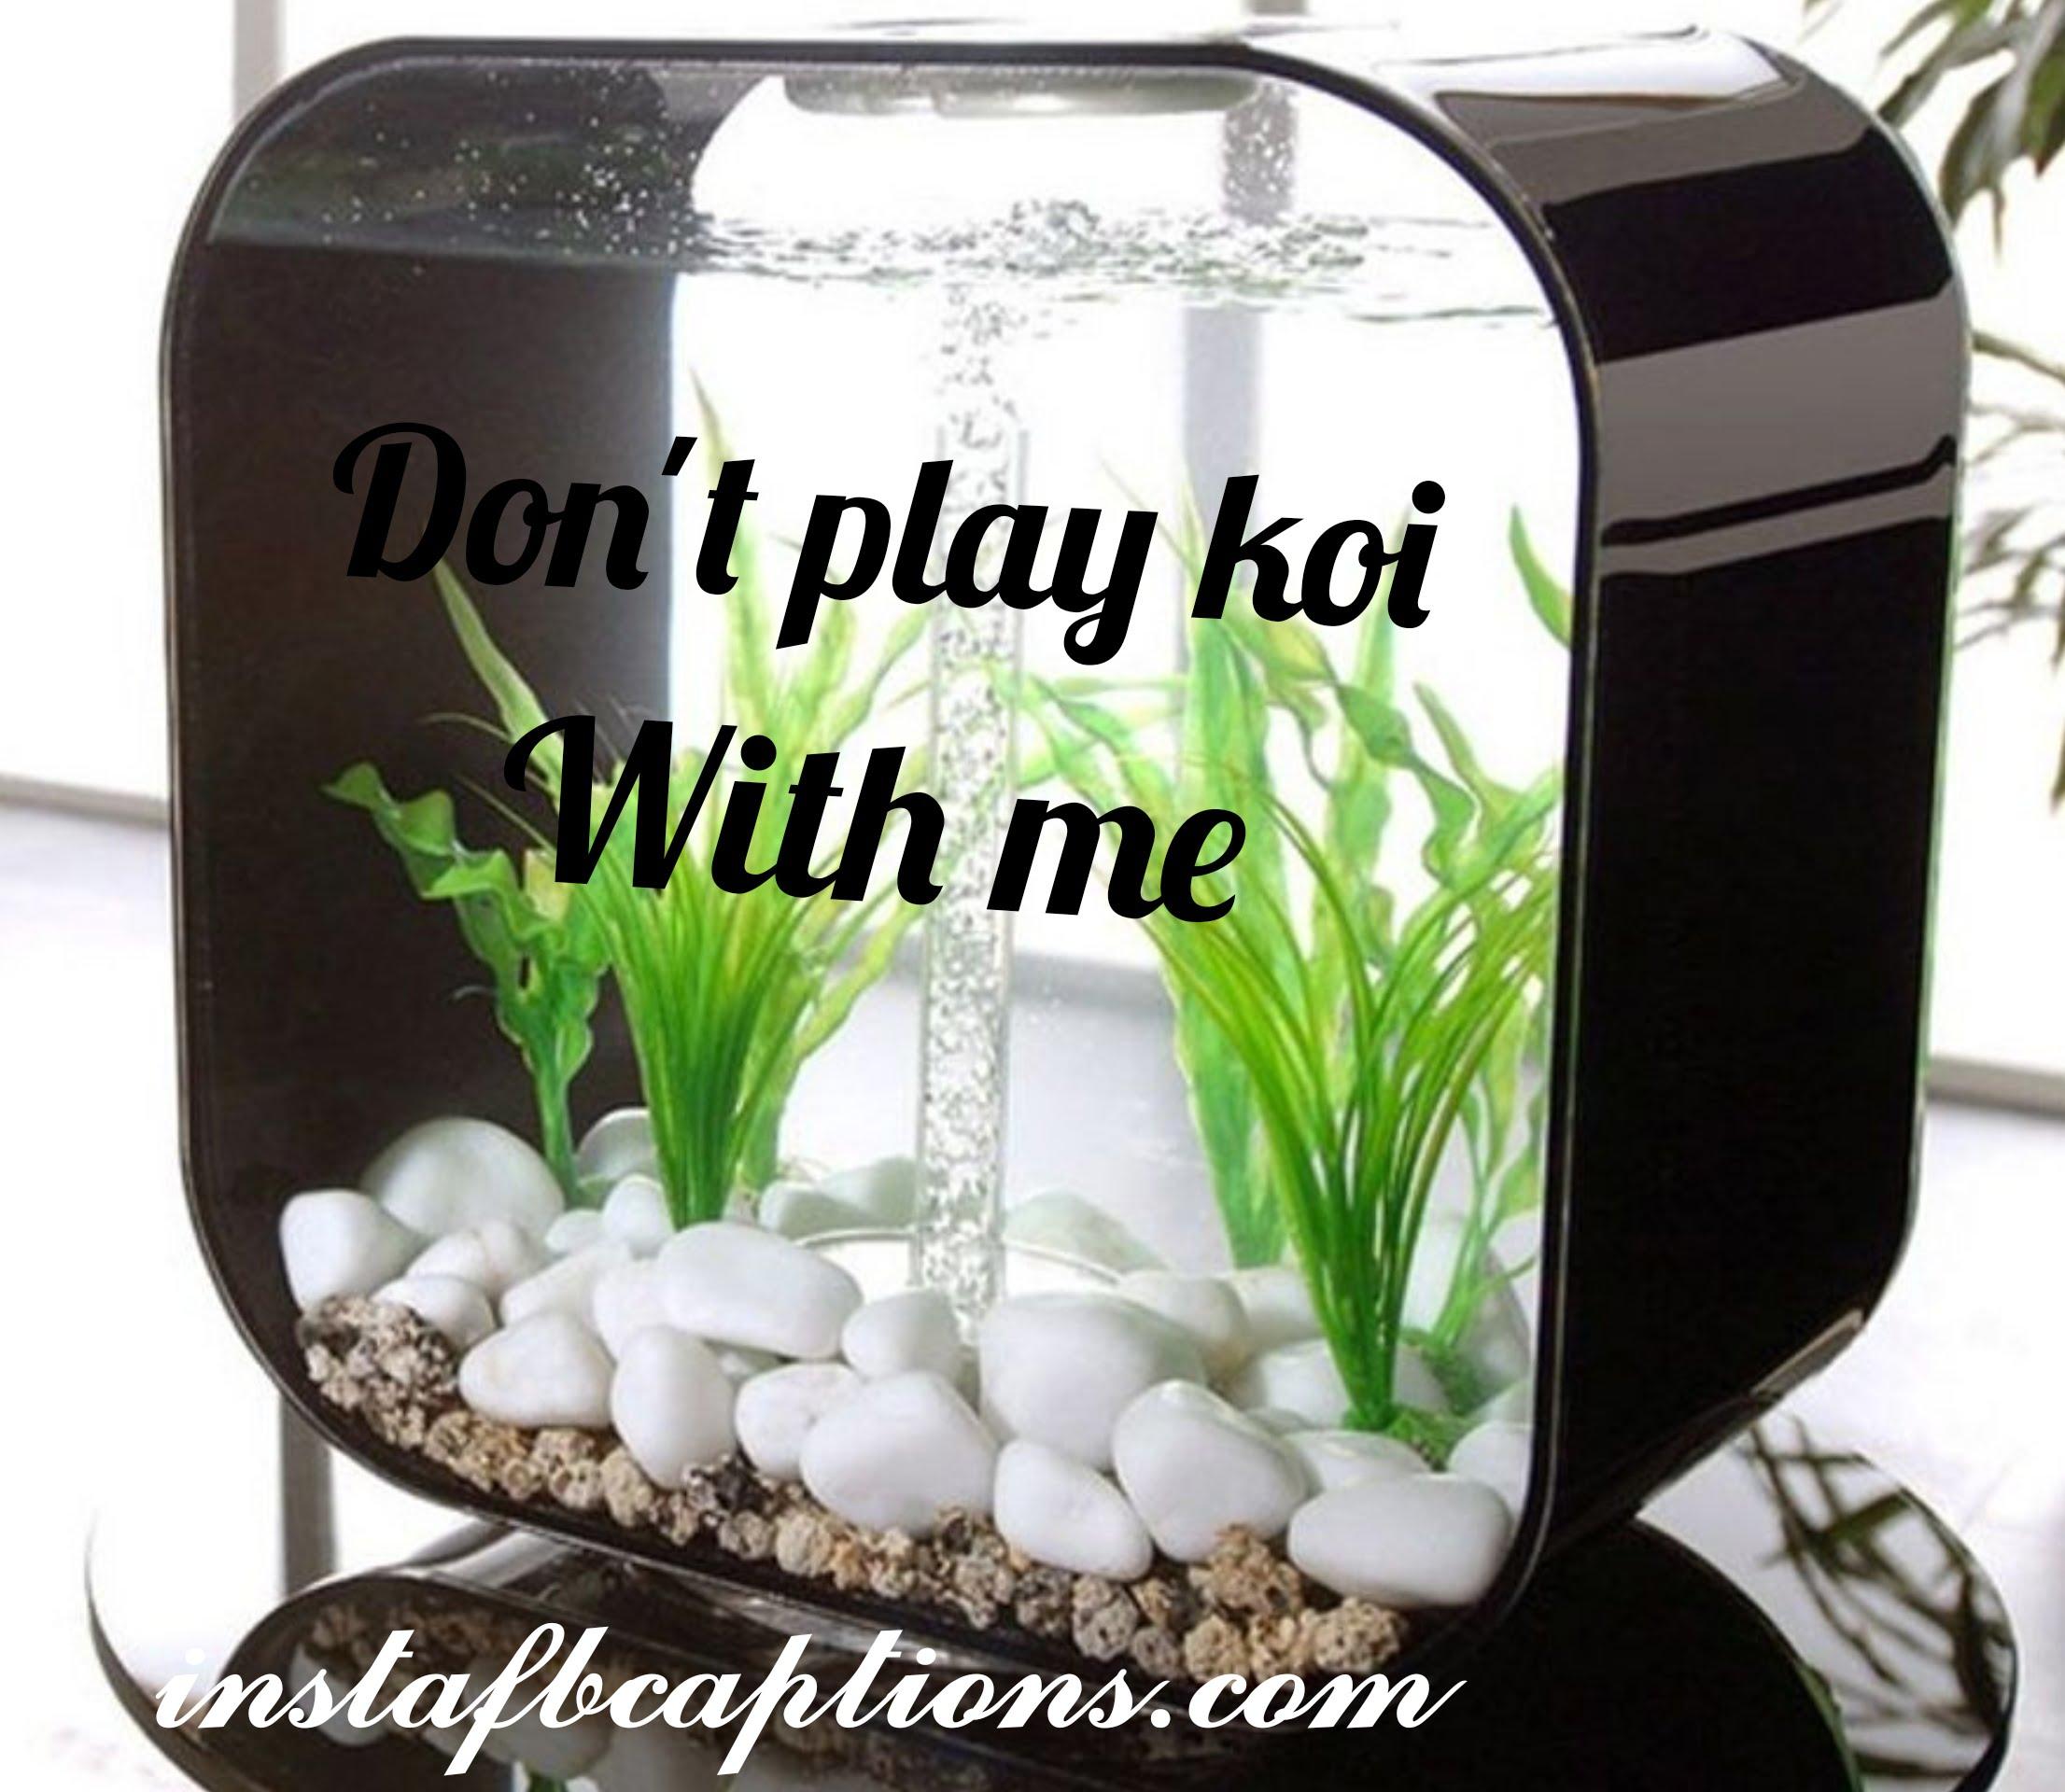 Img 20201024 203521  - IMG 20201024 203521 - Aquarium captions for Pet Fish||(cute planted nature)